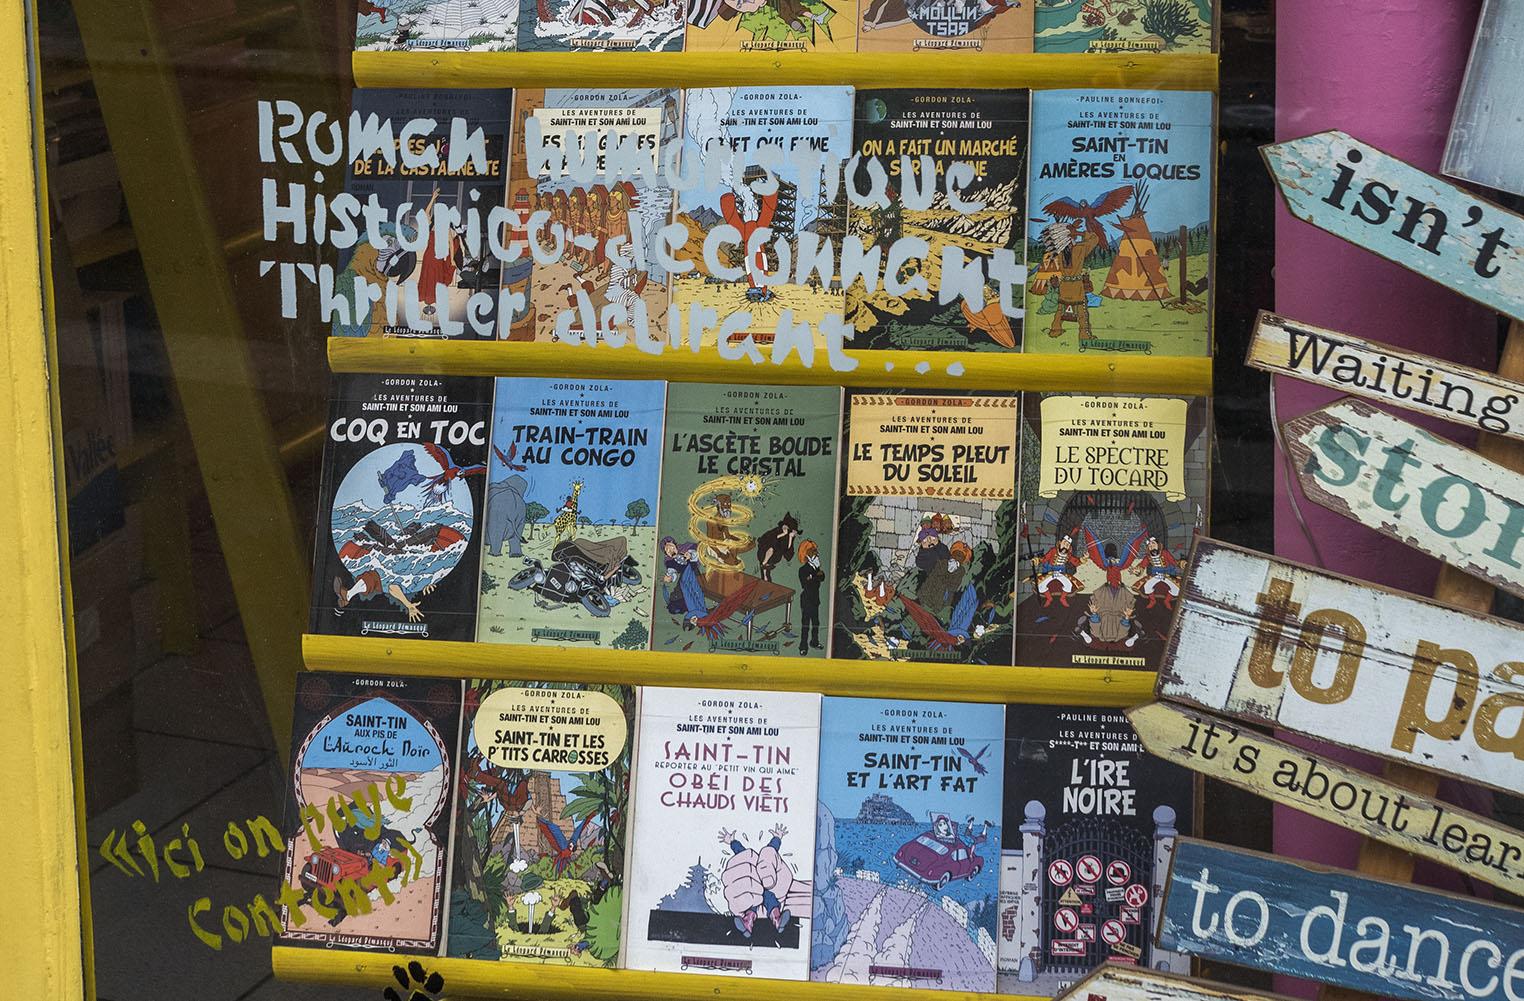 Naturligtvis erbjuder ett antikvariat en uppsjö Tintin-publikationer. Olympus OM-D E-M1 II, Zuiko 25 mm 1,2, 1/320 sec, bländare 5,0 800 Asa.